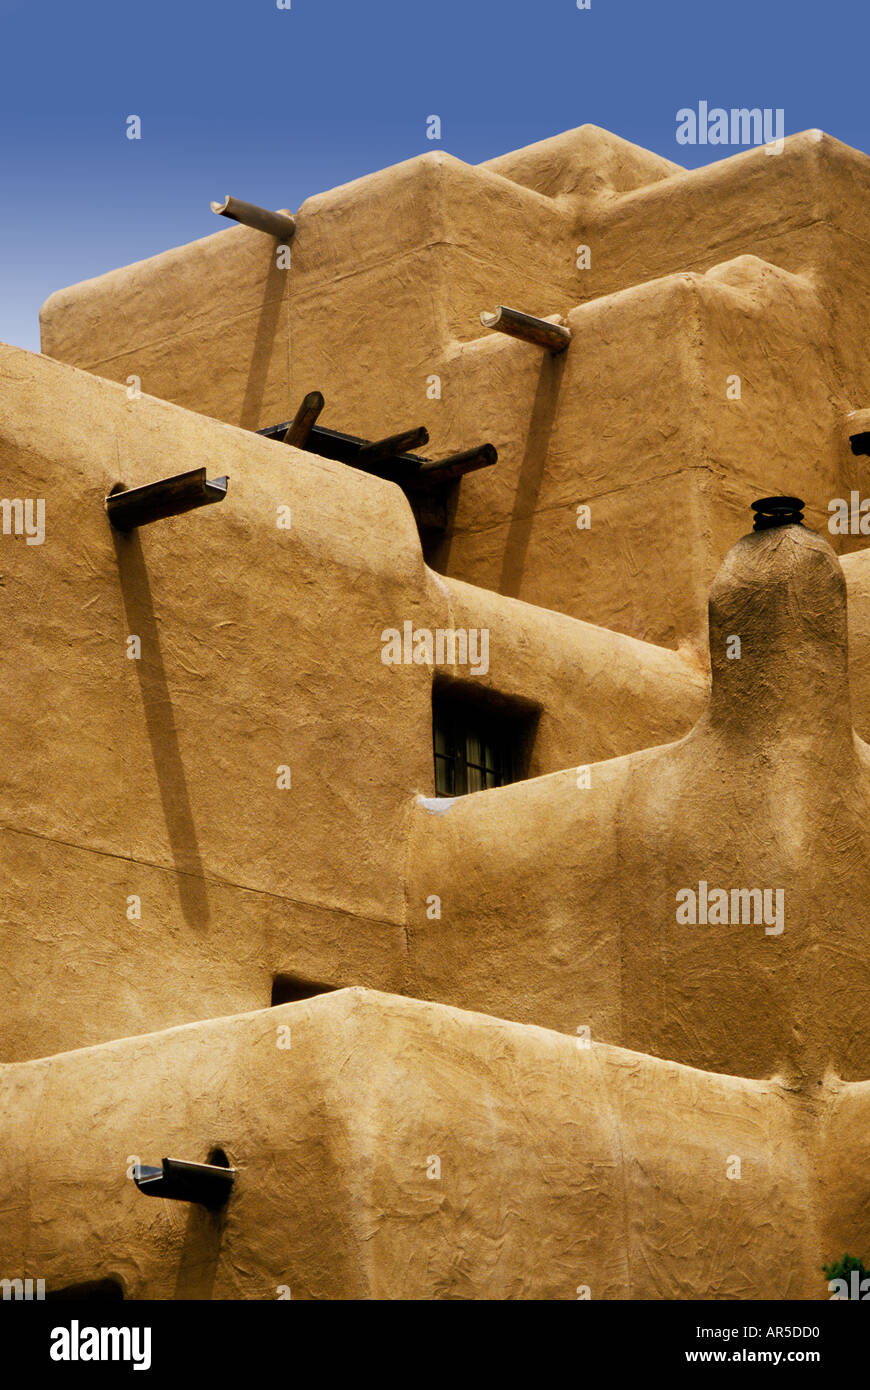 Moderner Lehmarchitektur Santa Fe New Mexico USA Stockbild